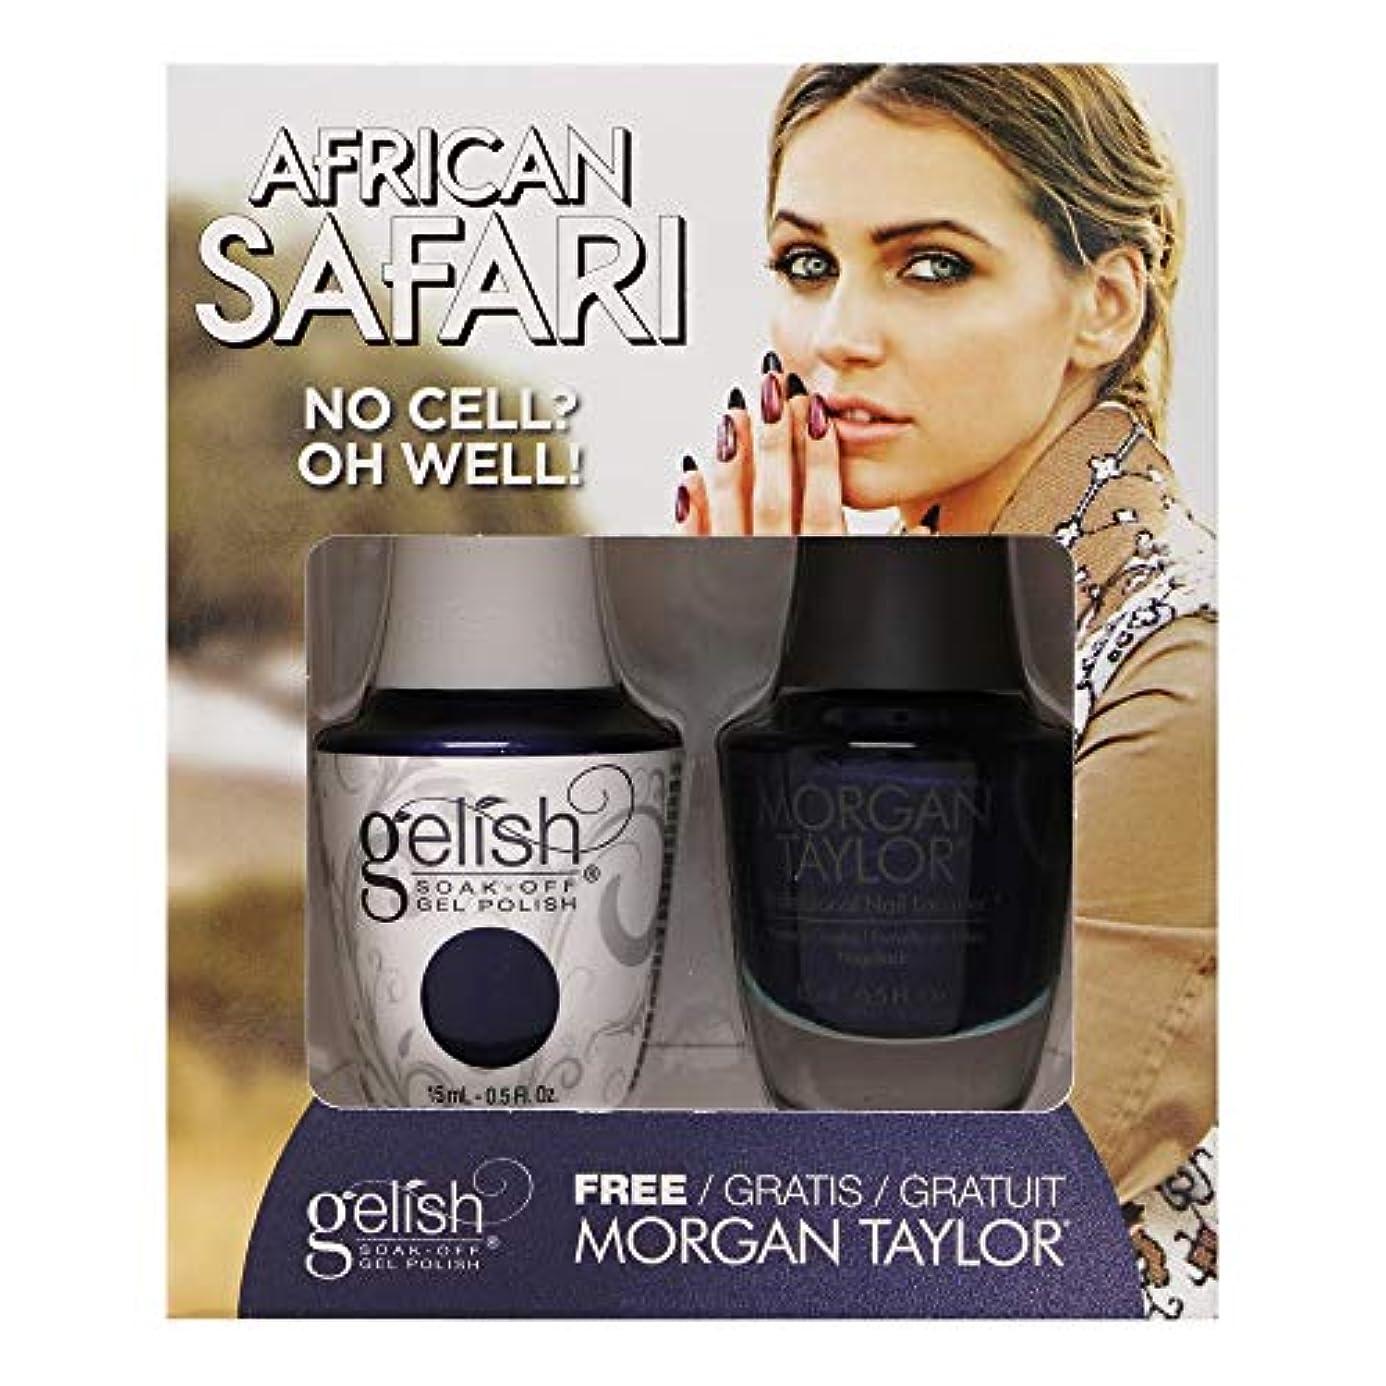 失礼な政権深遠Gelish - Two of a Kind - African Safari Collection - No Cell? Oh Well!